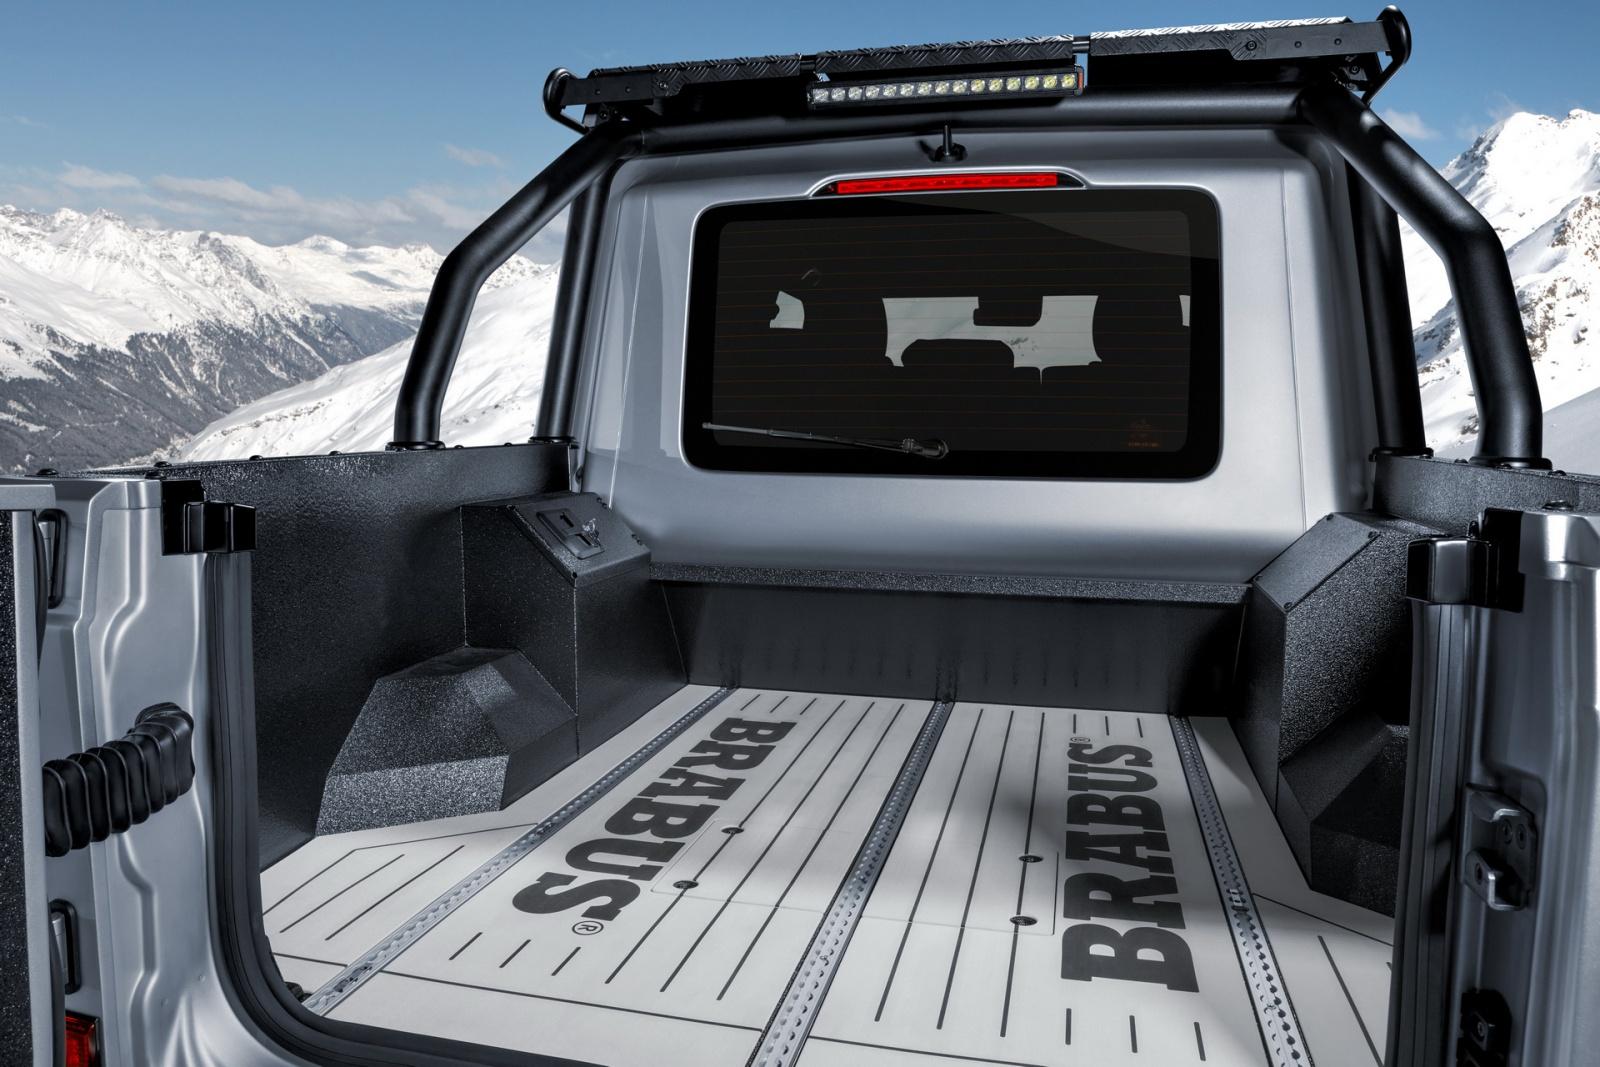 Название: Brabus-800-Adventure-XLP-13.jpg Просмотров: 665  Размер: 500.7 Кб